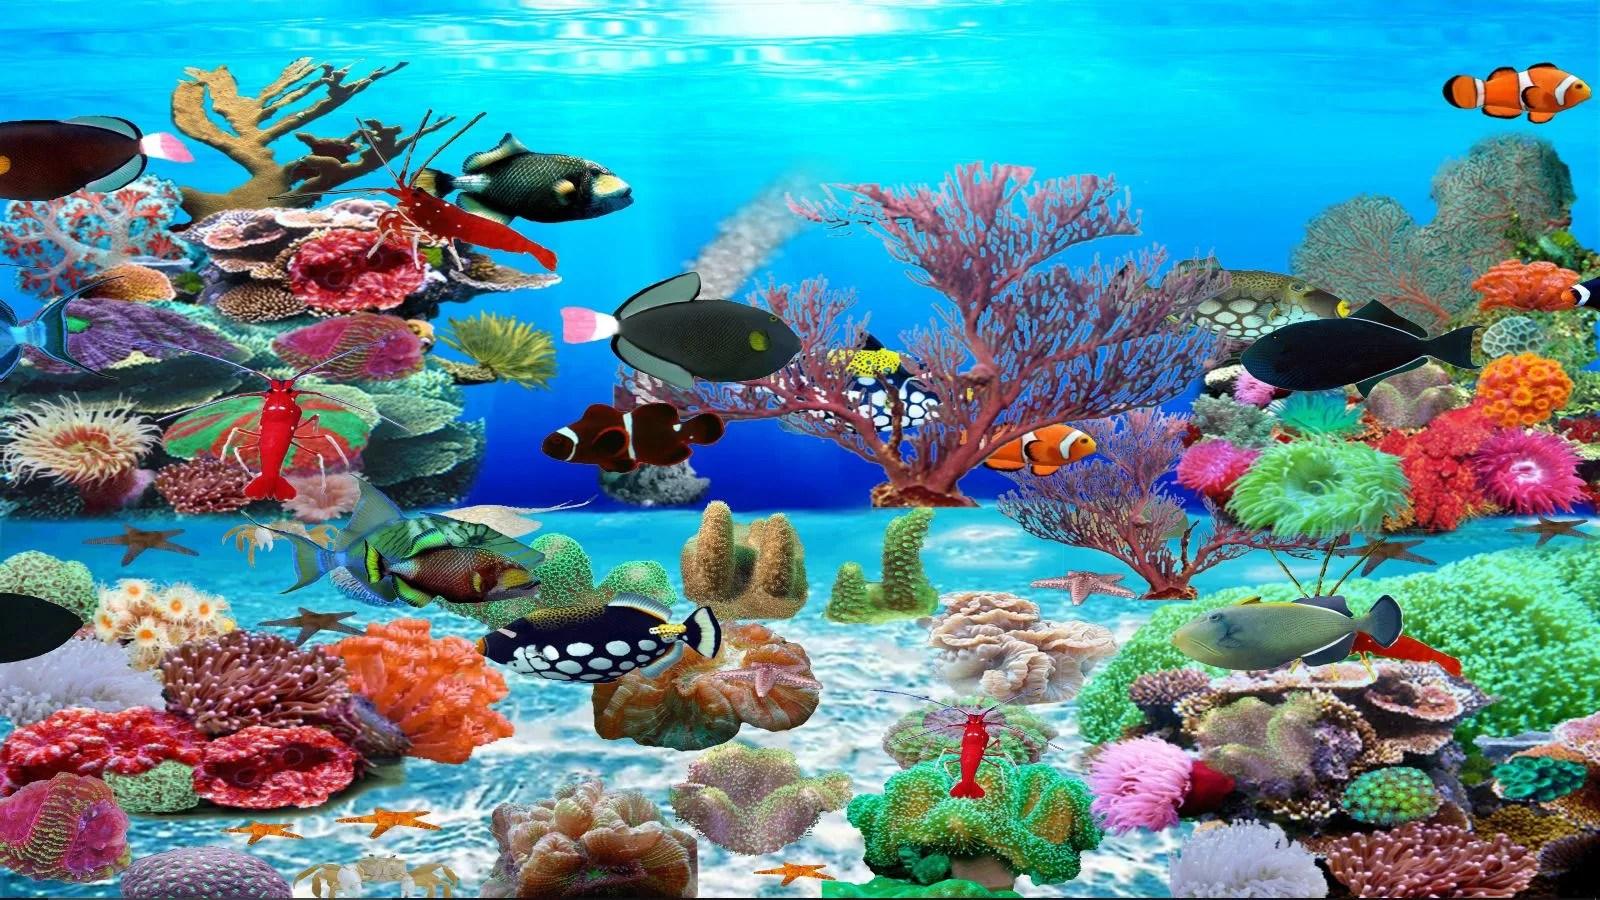 Desktop Aquarium 3d Mac Live Wallpaper Trigger Fish Aquarium Download